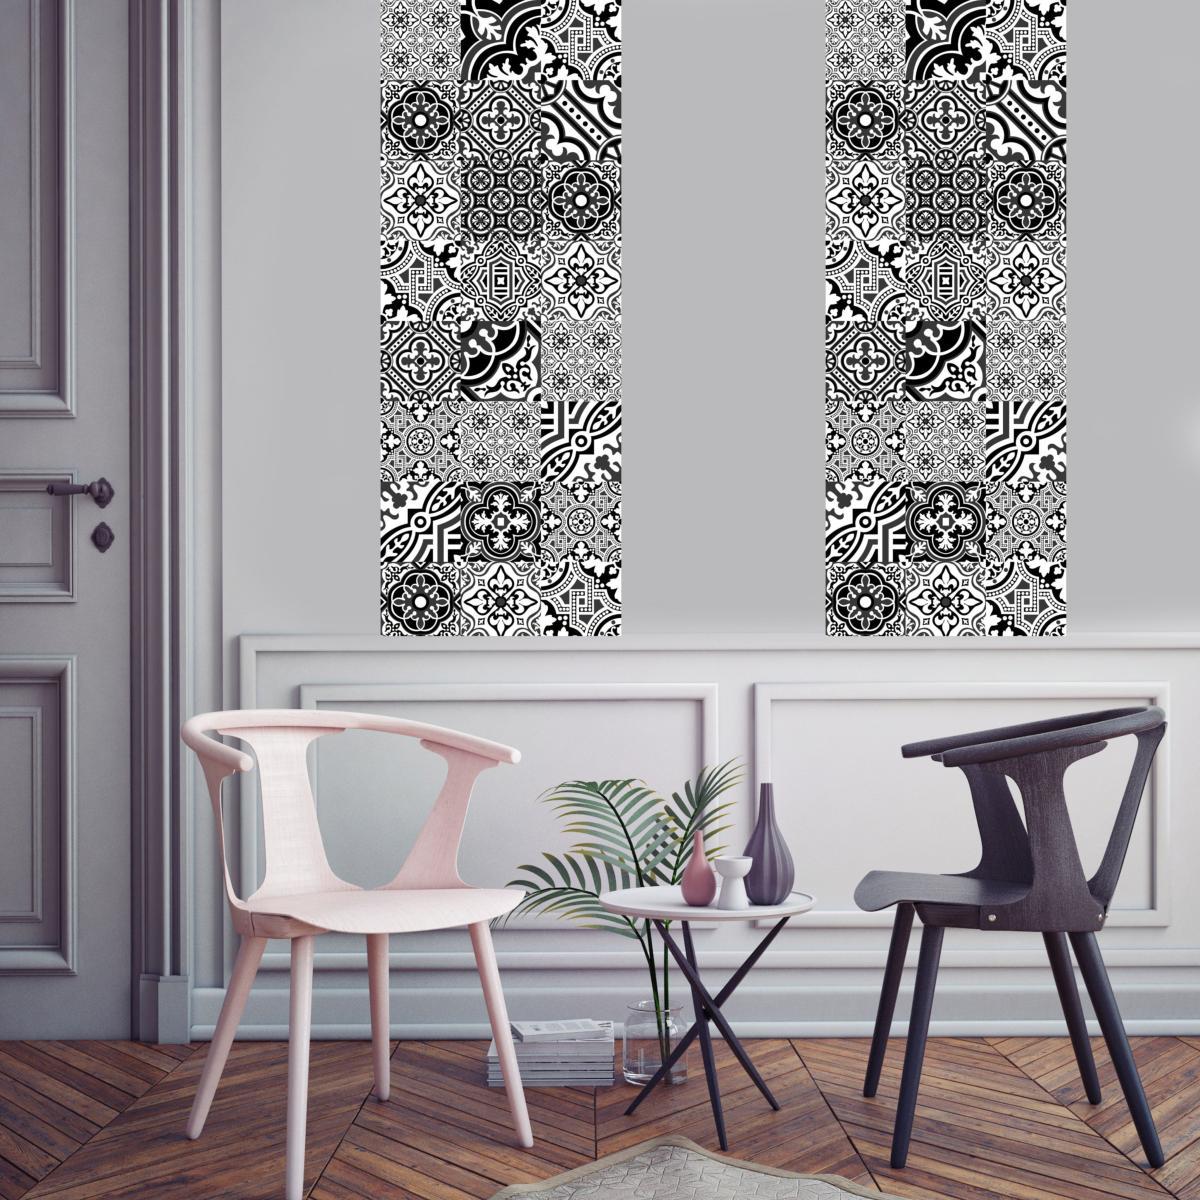 Tapisserie Carreaux De Ciment papier peint carreaux de ciment - madeleine